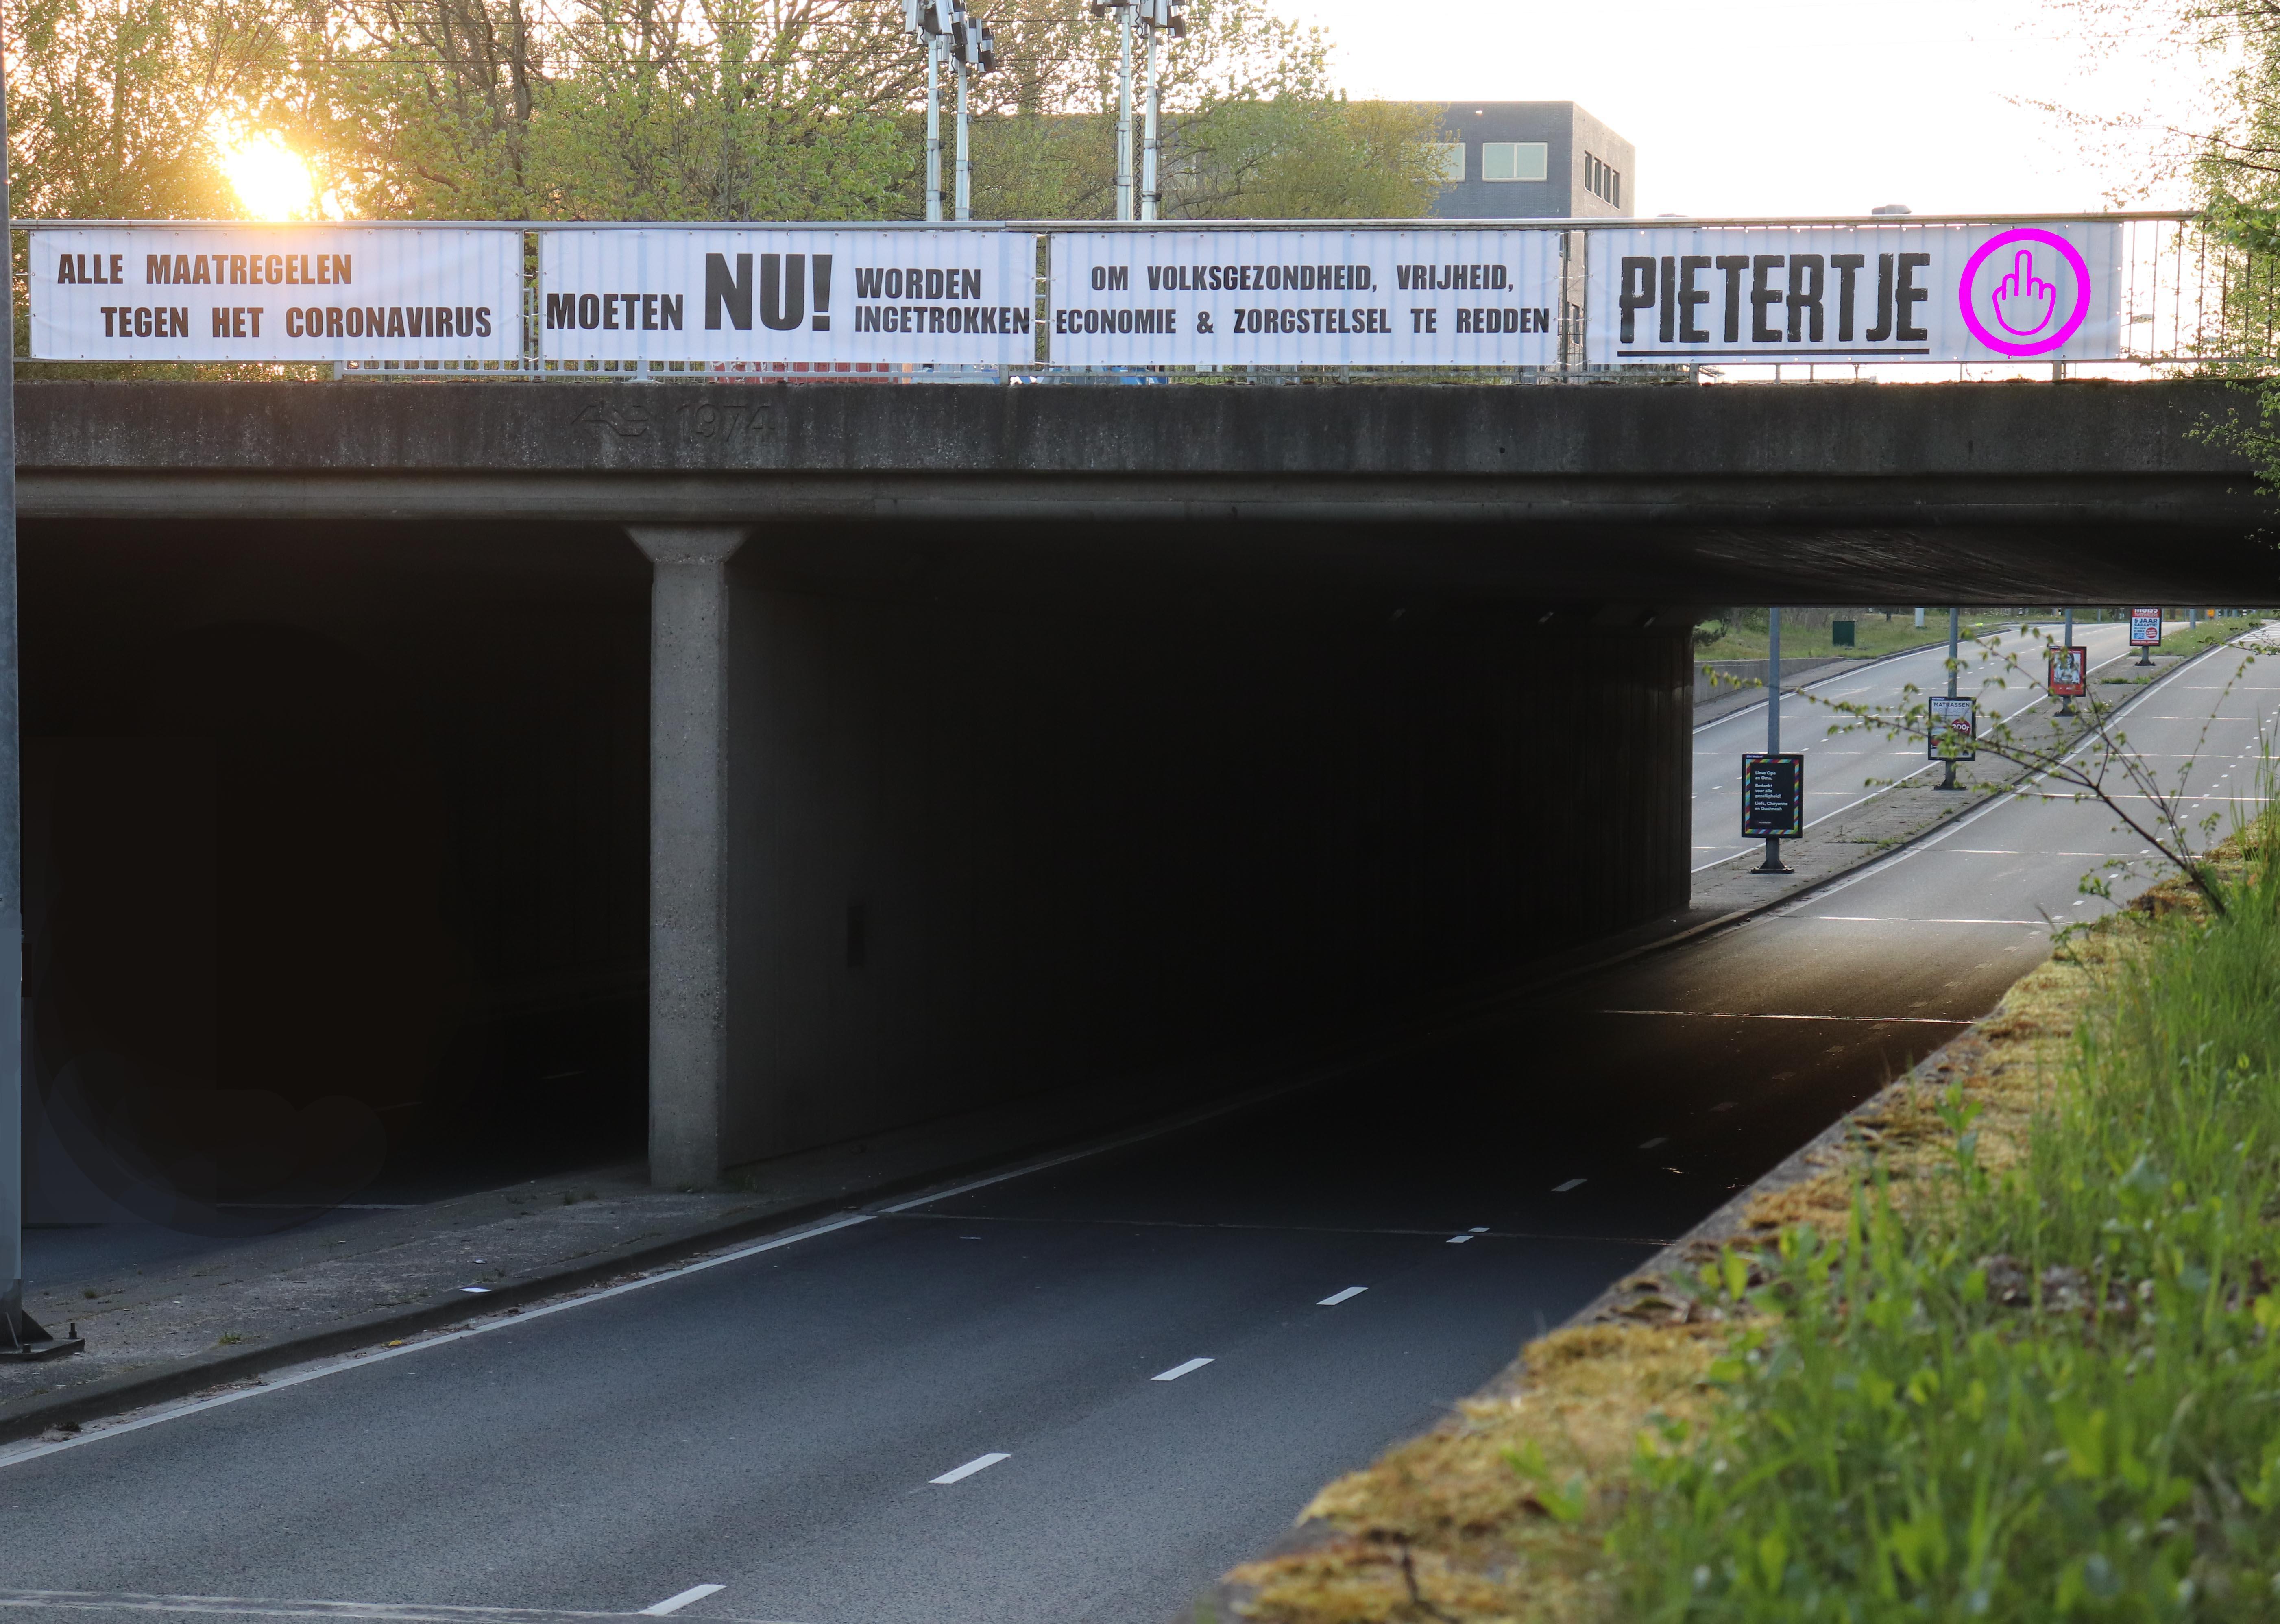 'Pietertje' en politie staan ook voor een groot raadsel: Wie zit er achter het coronaspandoek in Hilversum?